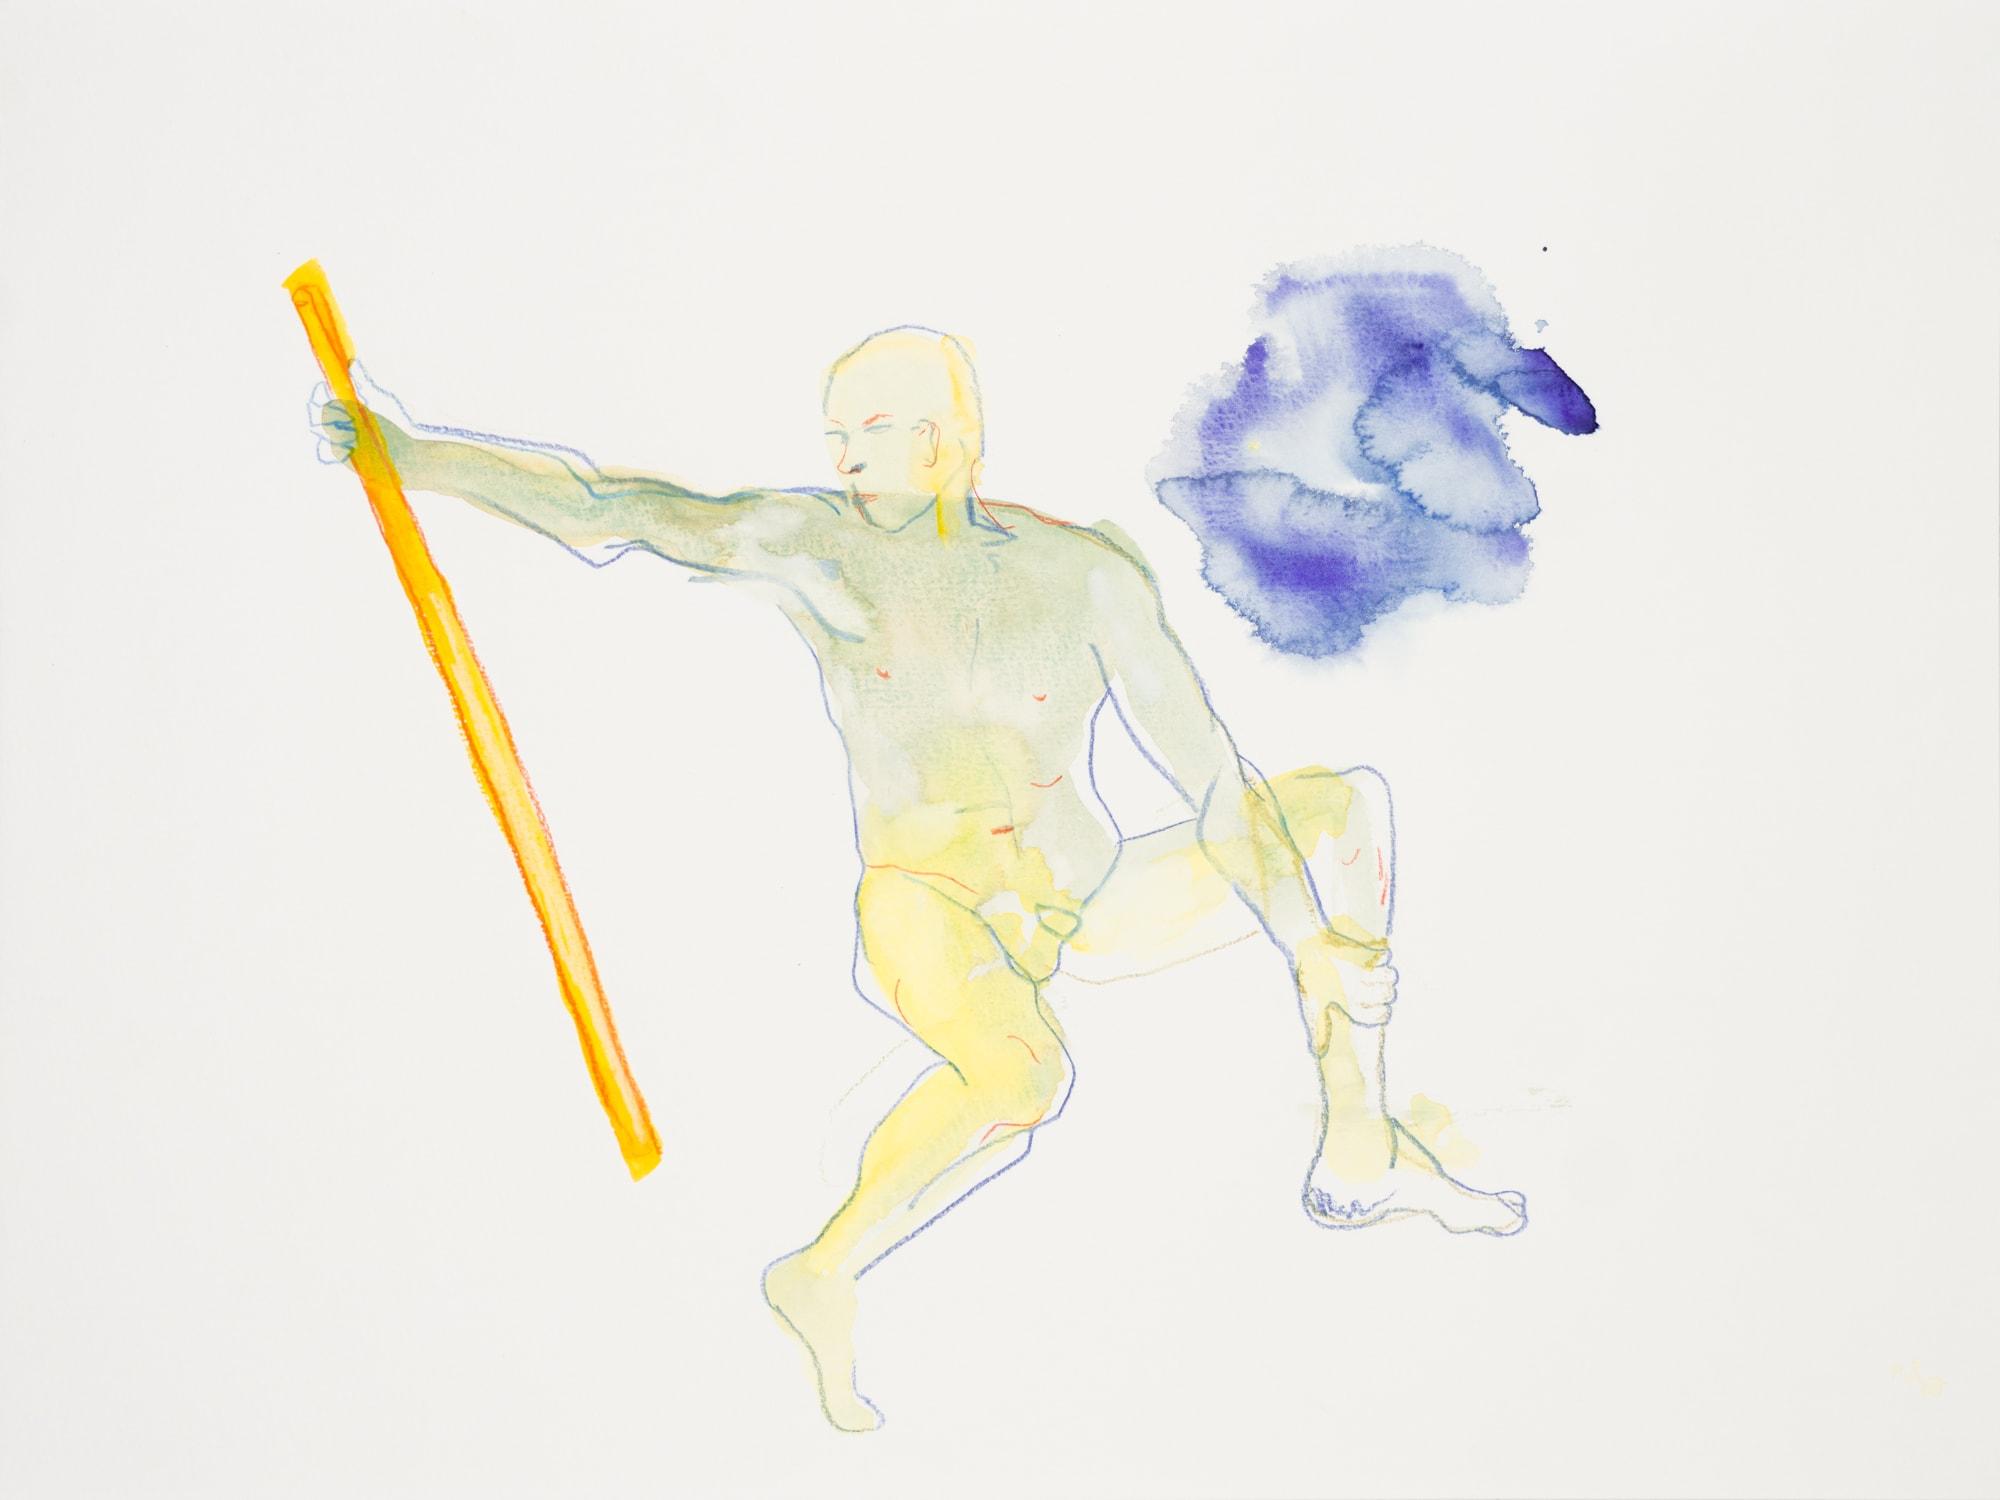 Zeichnung, Aquarell und Farbstift auf Papier, 40x30cm, Männerakt, Künstlerin: Franziska King